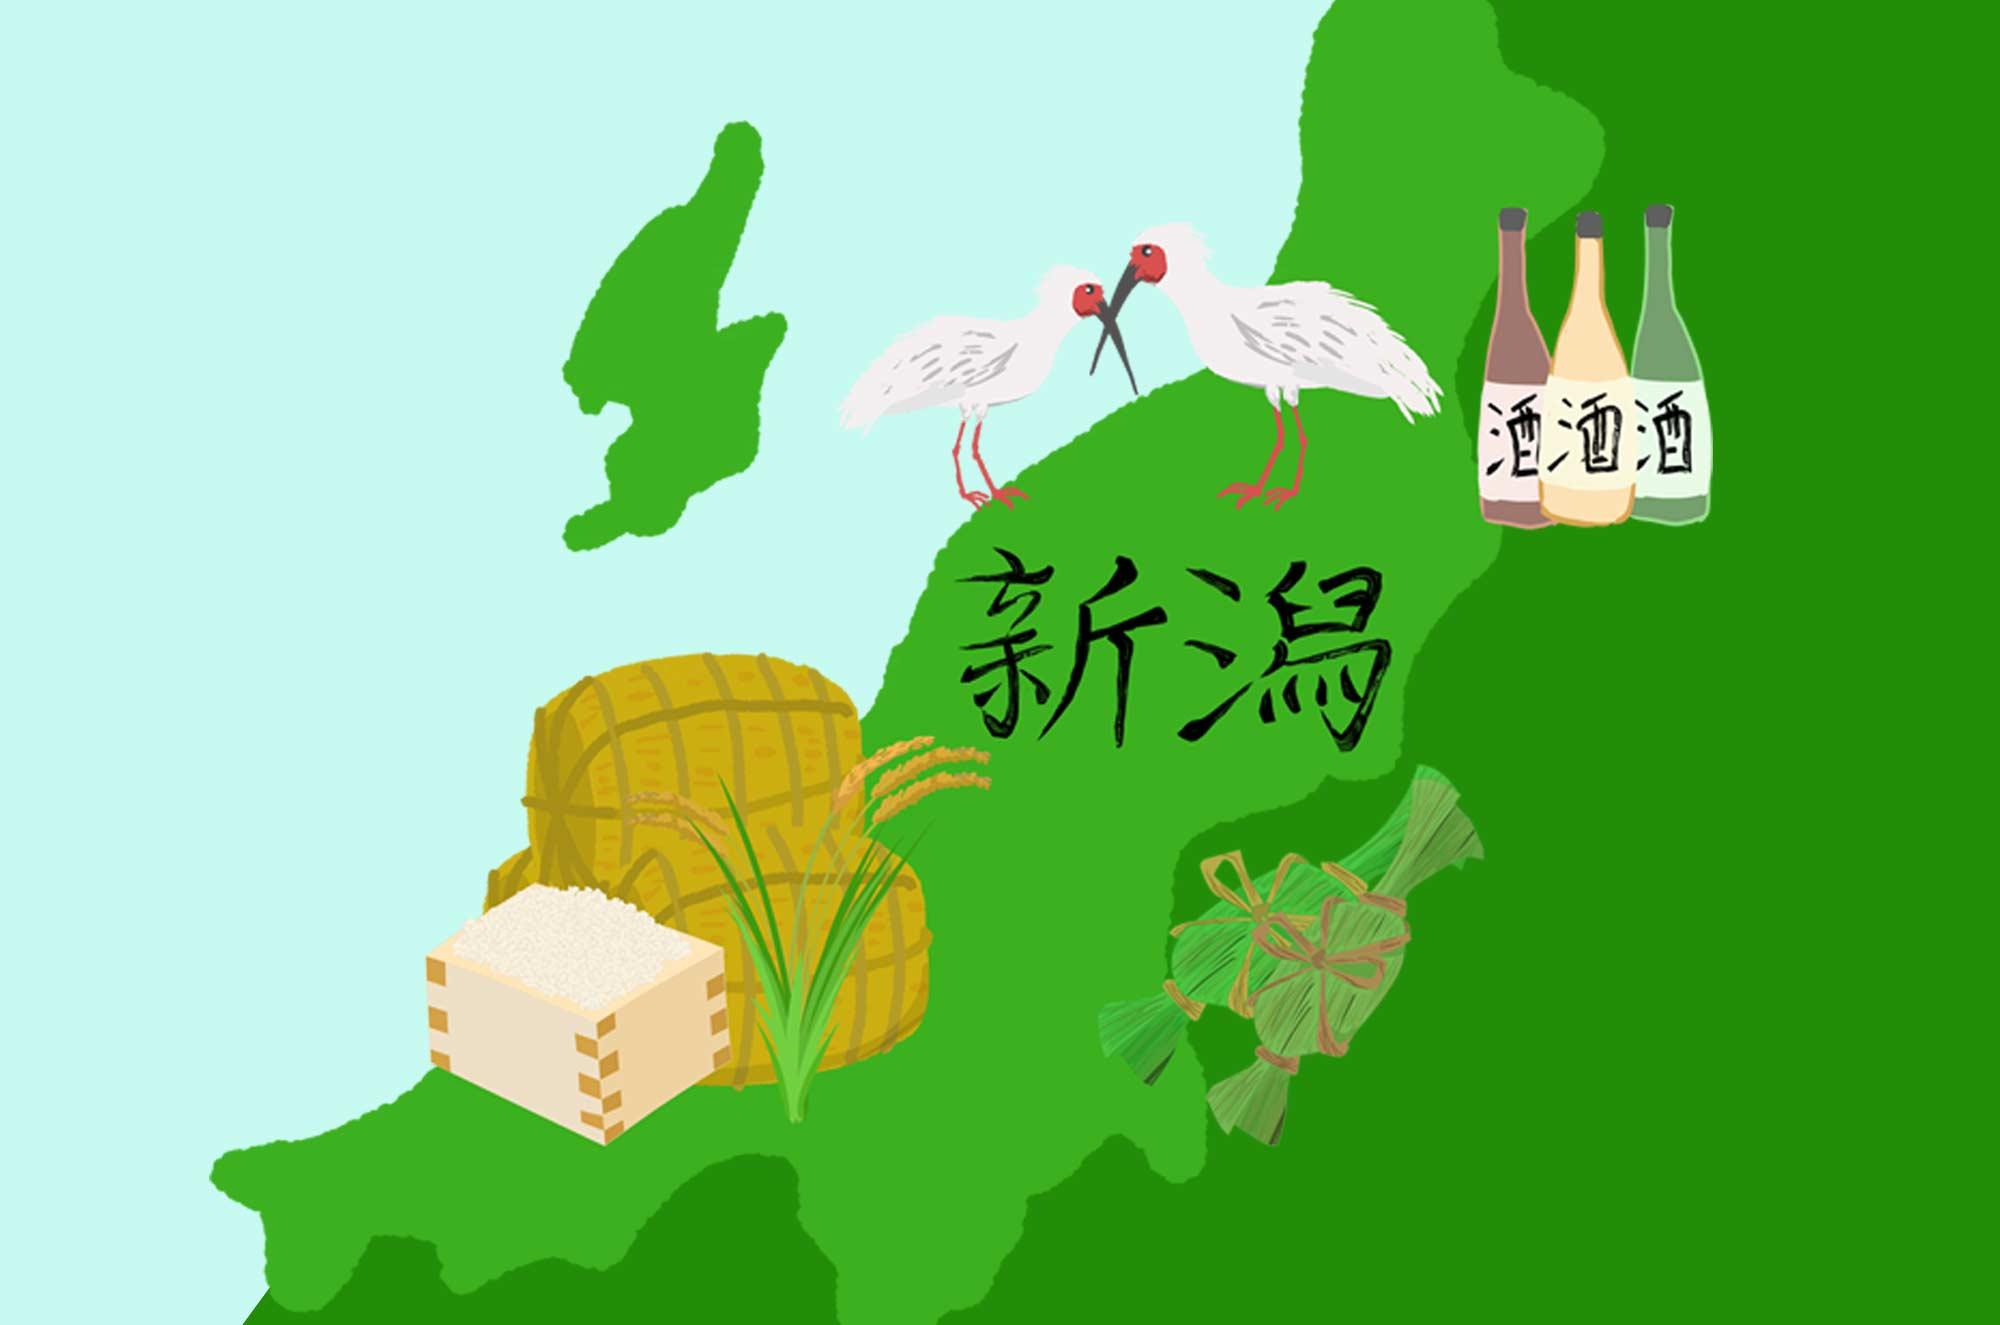 新潟のイラスト - 笹団子やお酒・お米などの名産無料素材